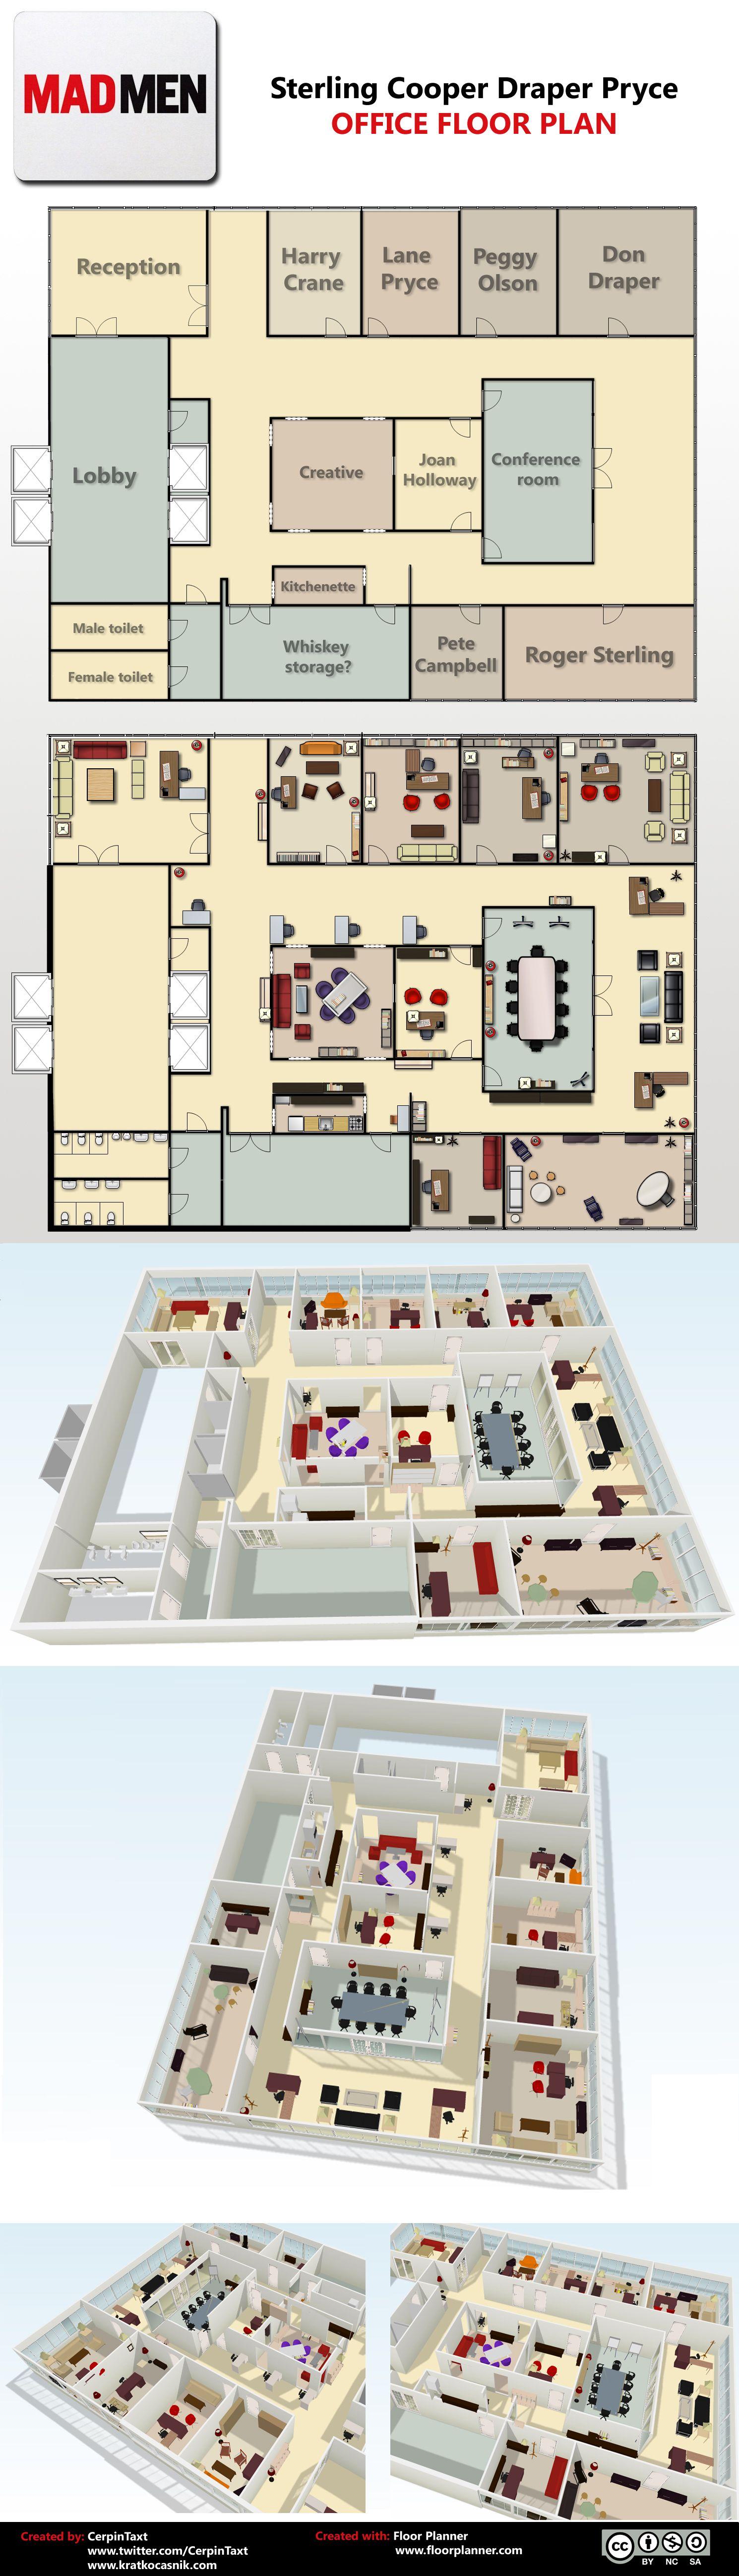 mad men office floor plan | simspo | pinterest | office floor plan